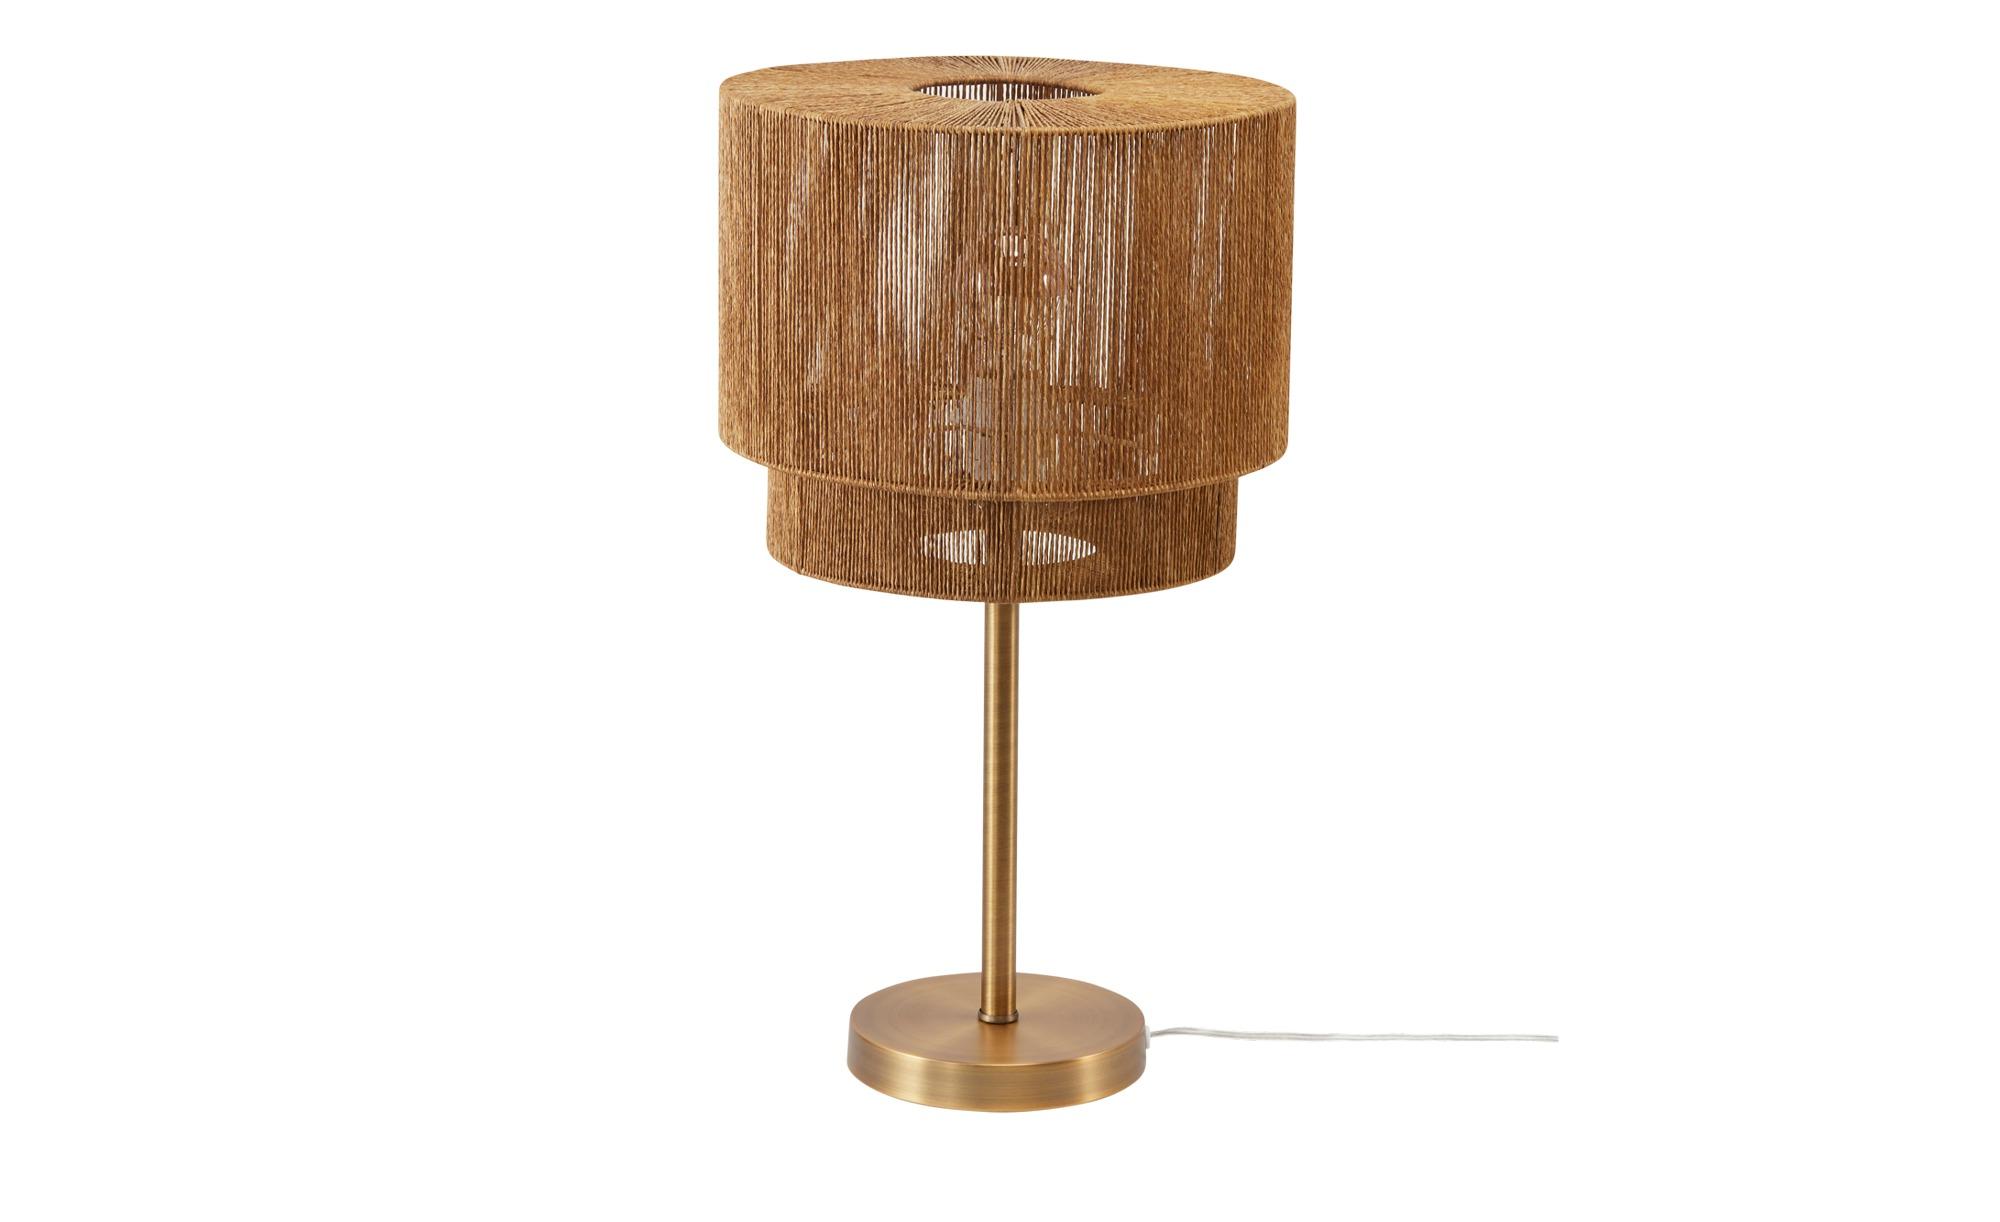 KHG Tischleuchte, 1-flammig, gold-antik ¦ gold ¦ Maße (cm): H: 53,5 Ø: 29.5 Lampen & Leuchten > Innenleuchten > Tischlampen - Höffner